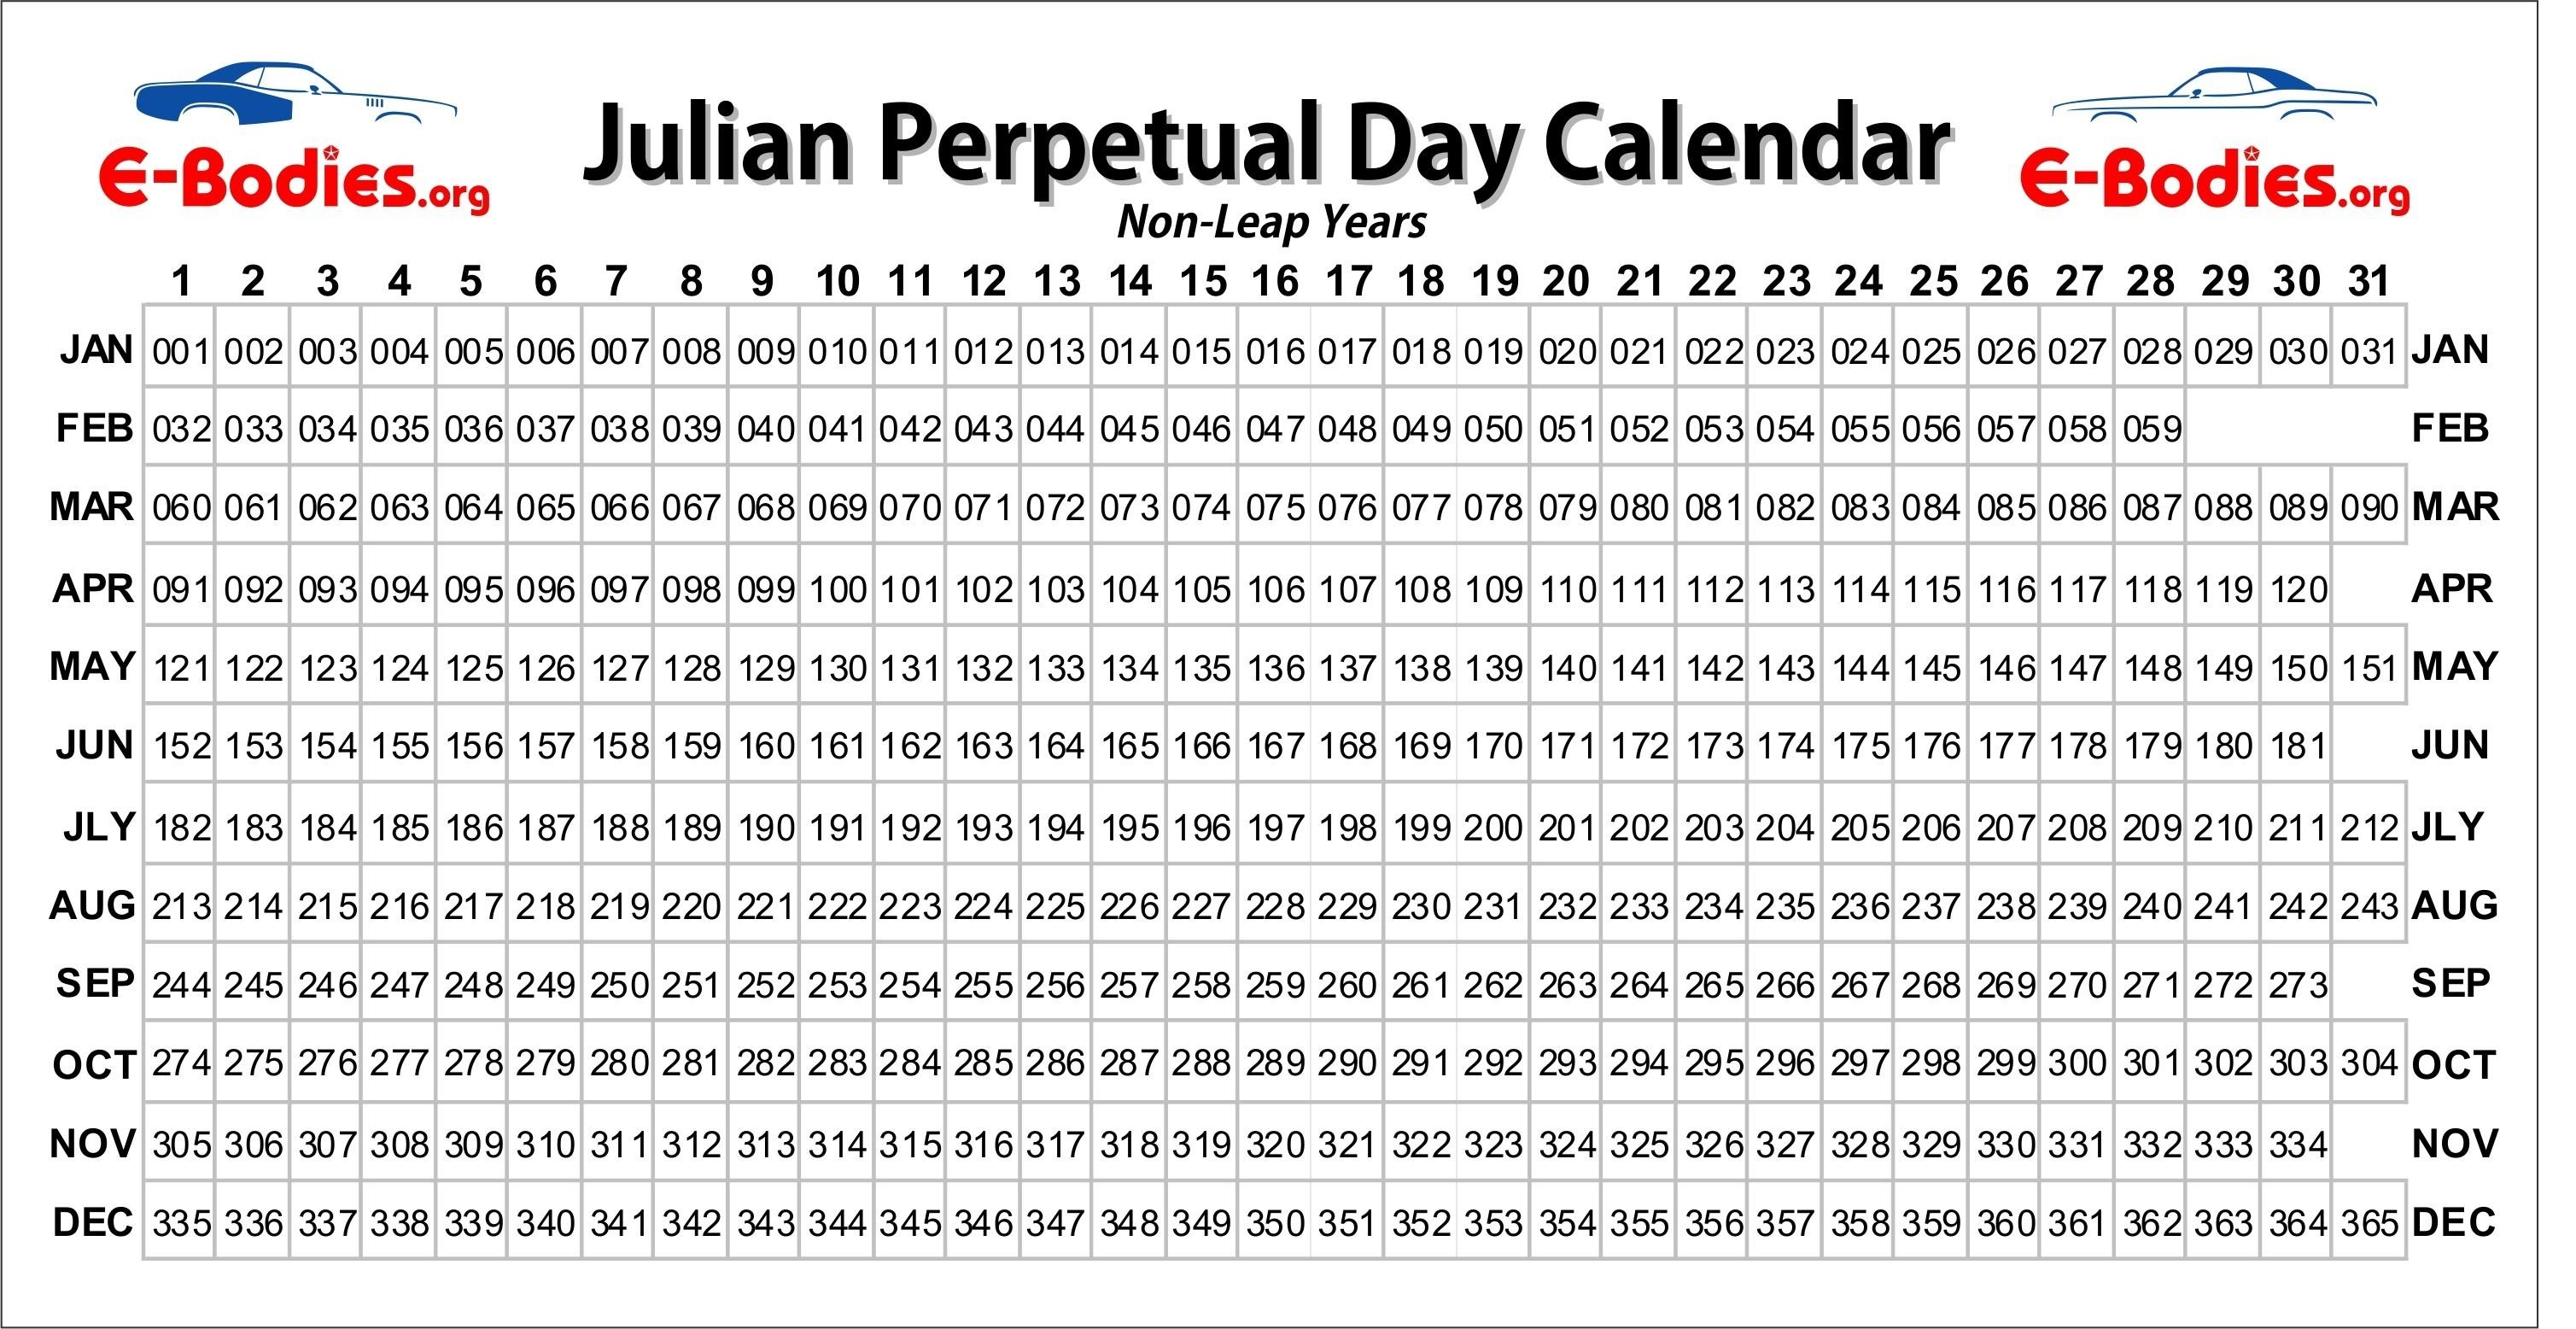 Julian Date Calendar 9 3017X1556 - Bi-Brucker-Holz.de Frisch  Military Julian Date Calendar